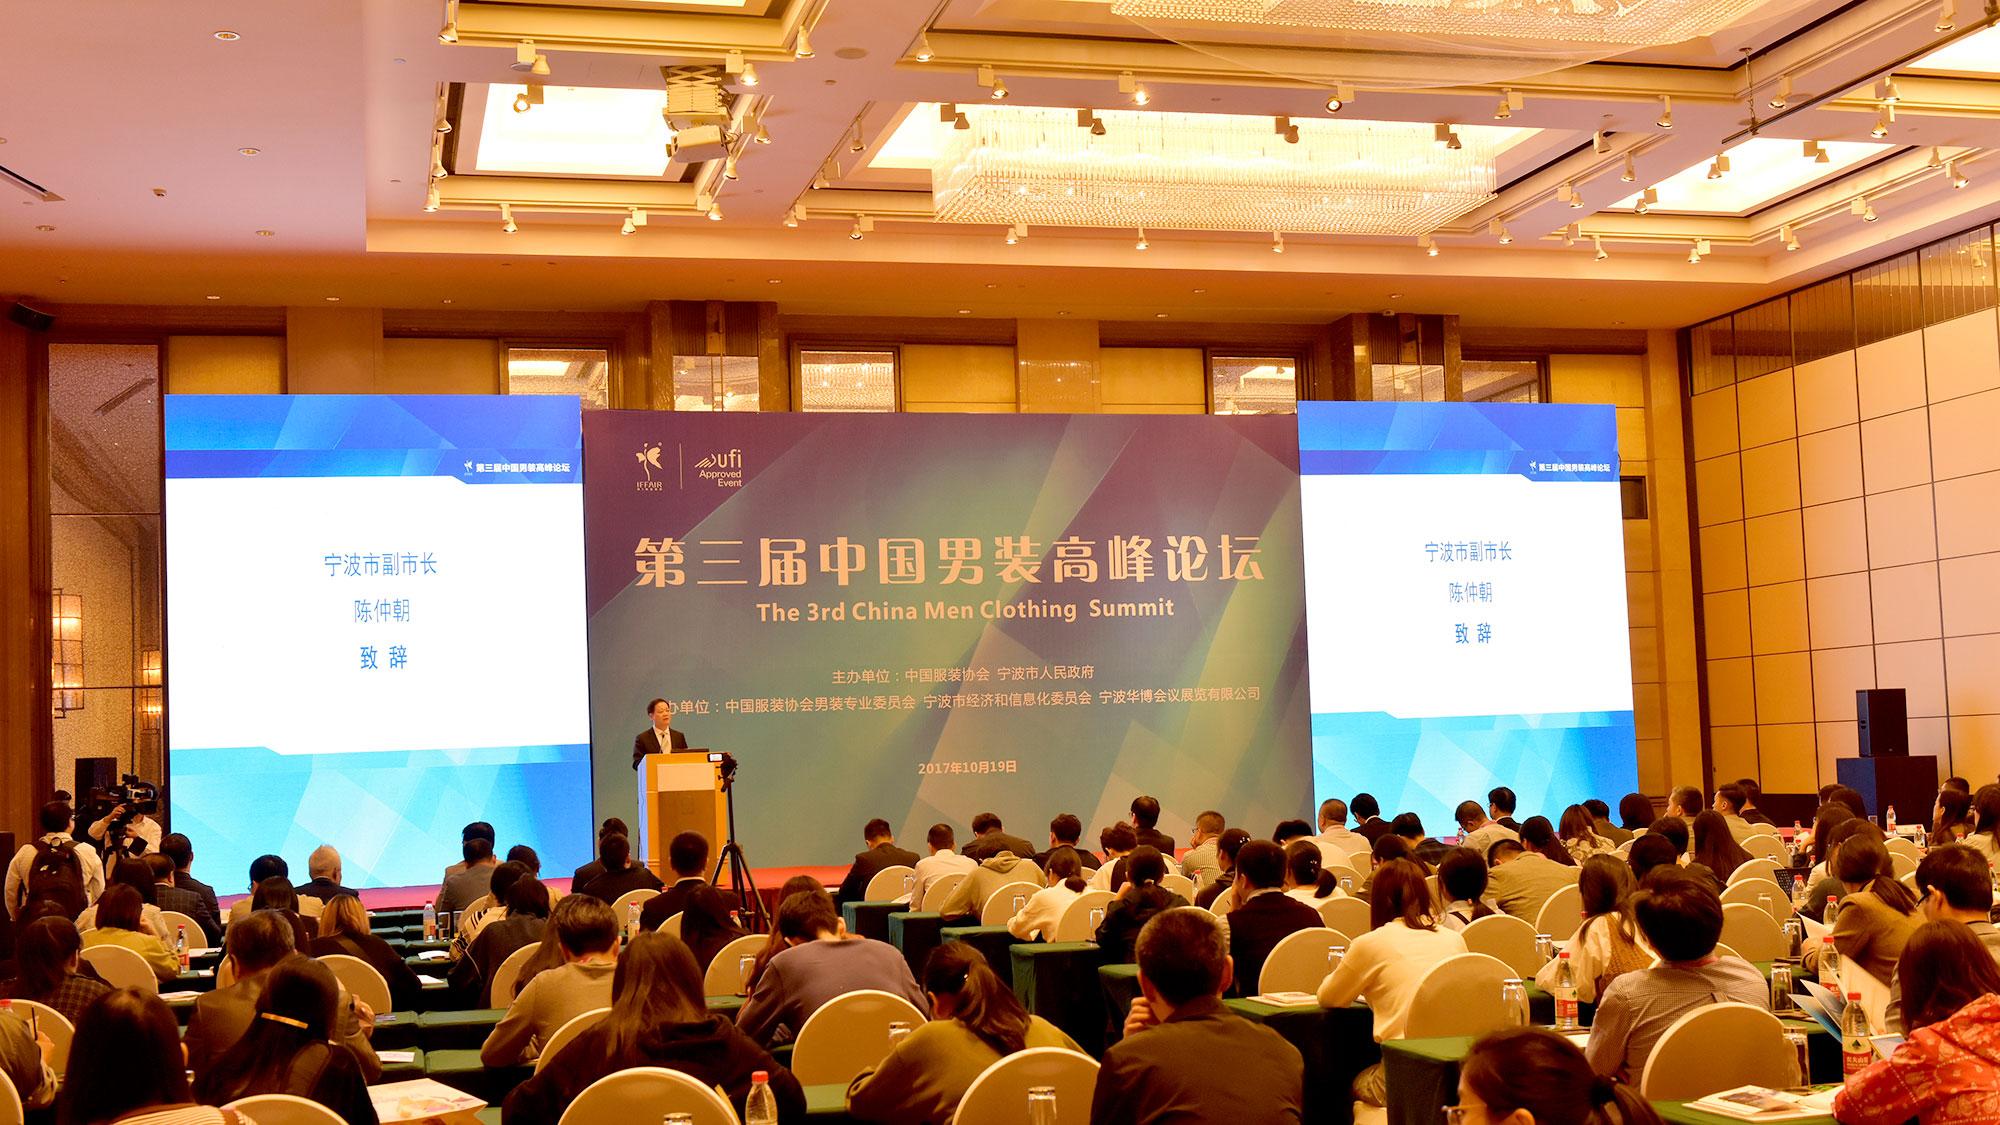 第三届中国男装高峰论坛大咖云集 探索新常态下服装产业转型之路